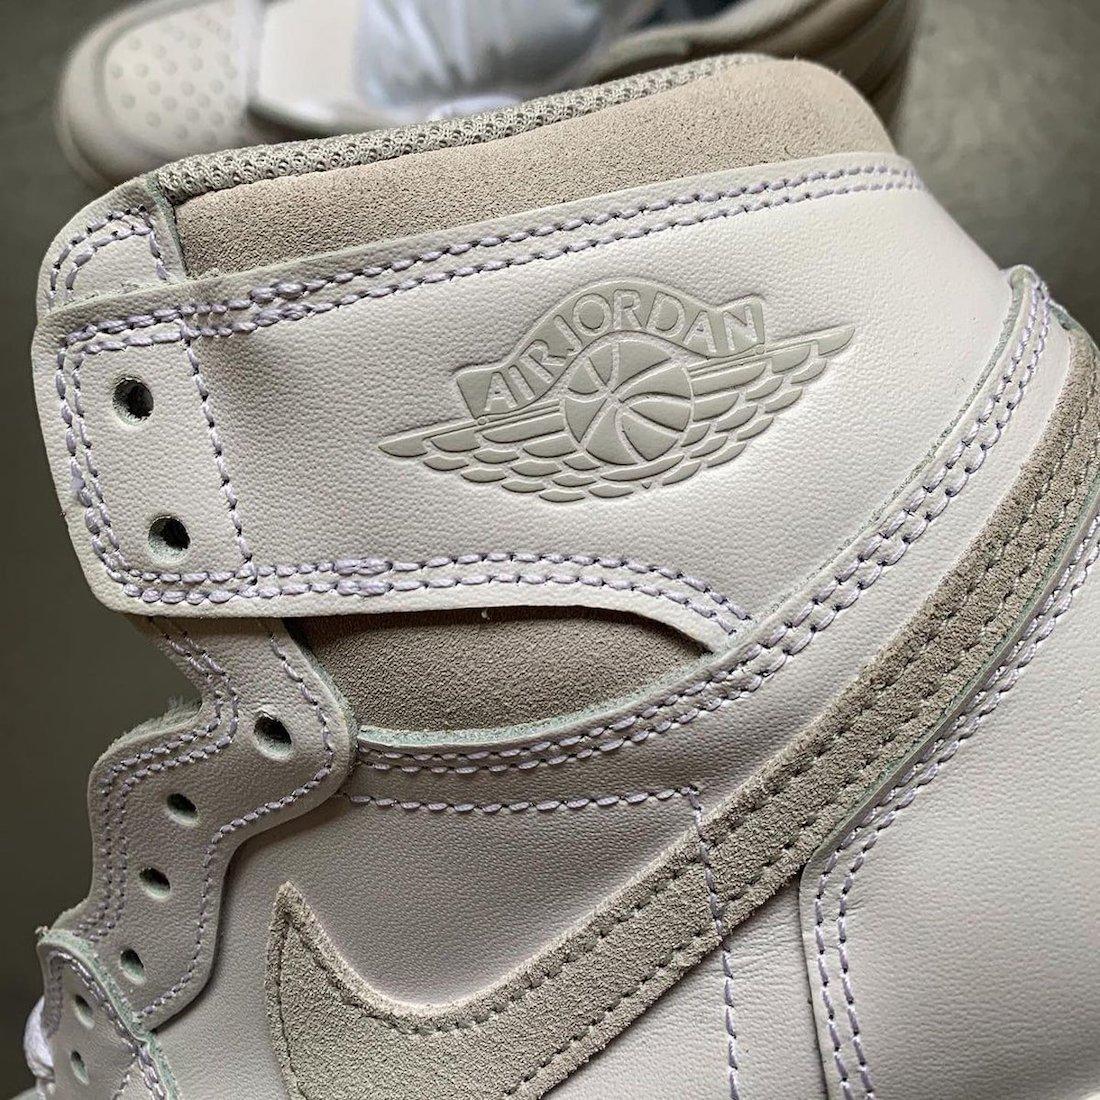 """ナイキ エアジョーダン1 ハイ 85 """"ニュートラルグレー""""-Nike-Air-Jordan-1-High-85-Neutral-Grey-BQ4422-100 detail"""